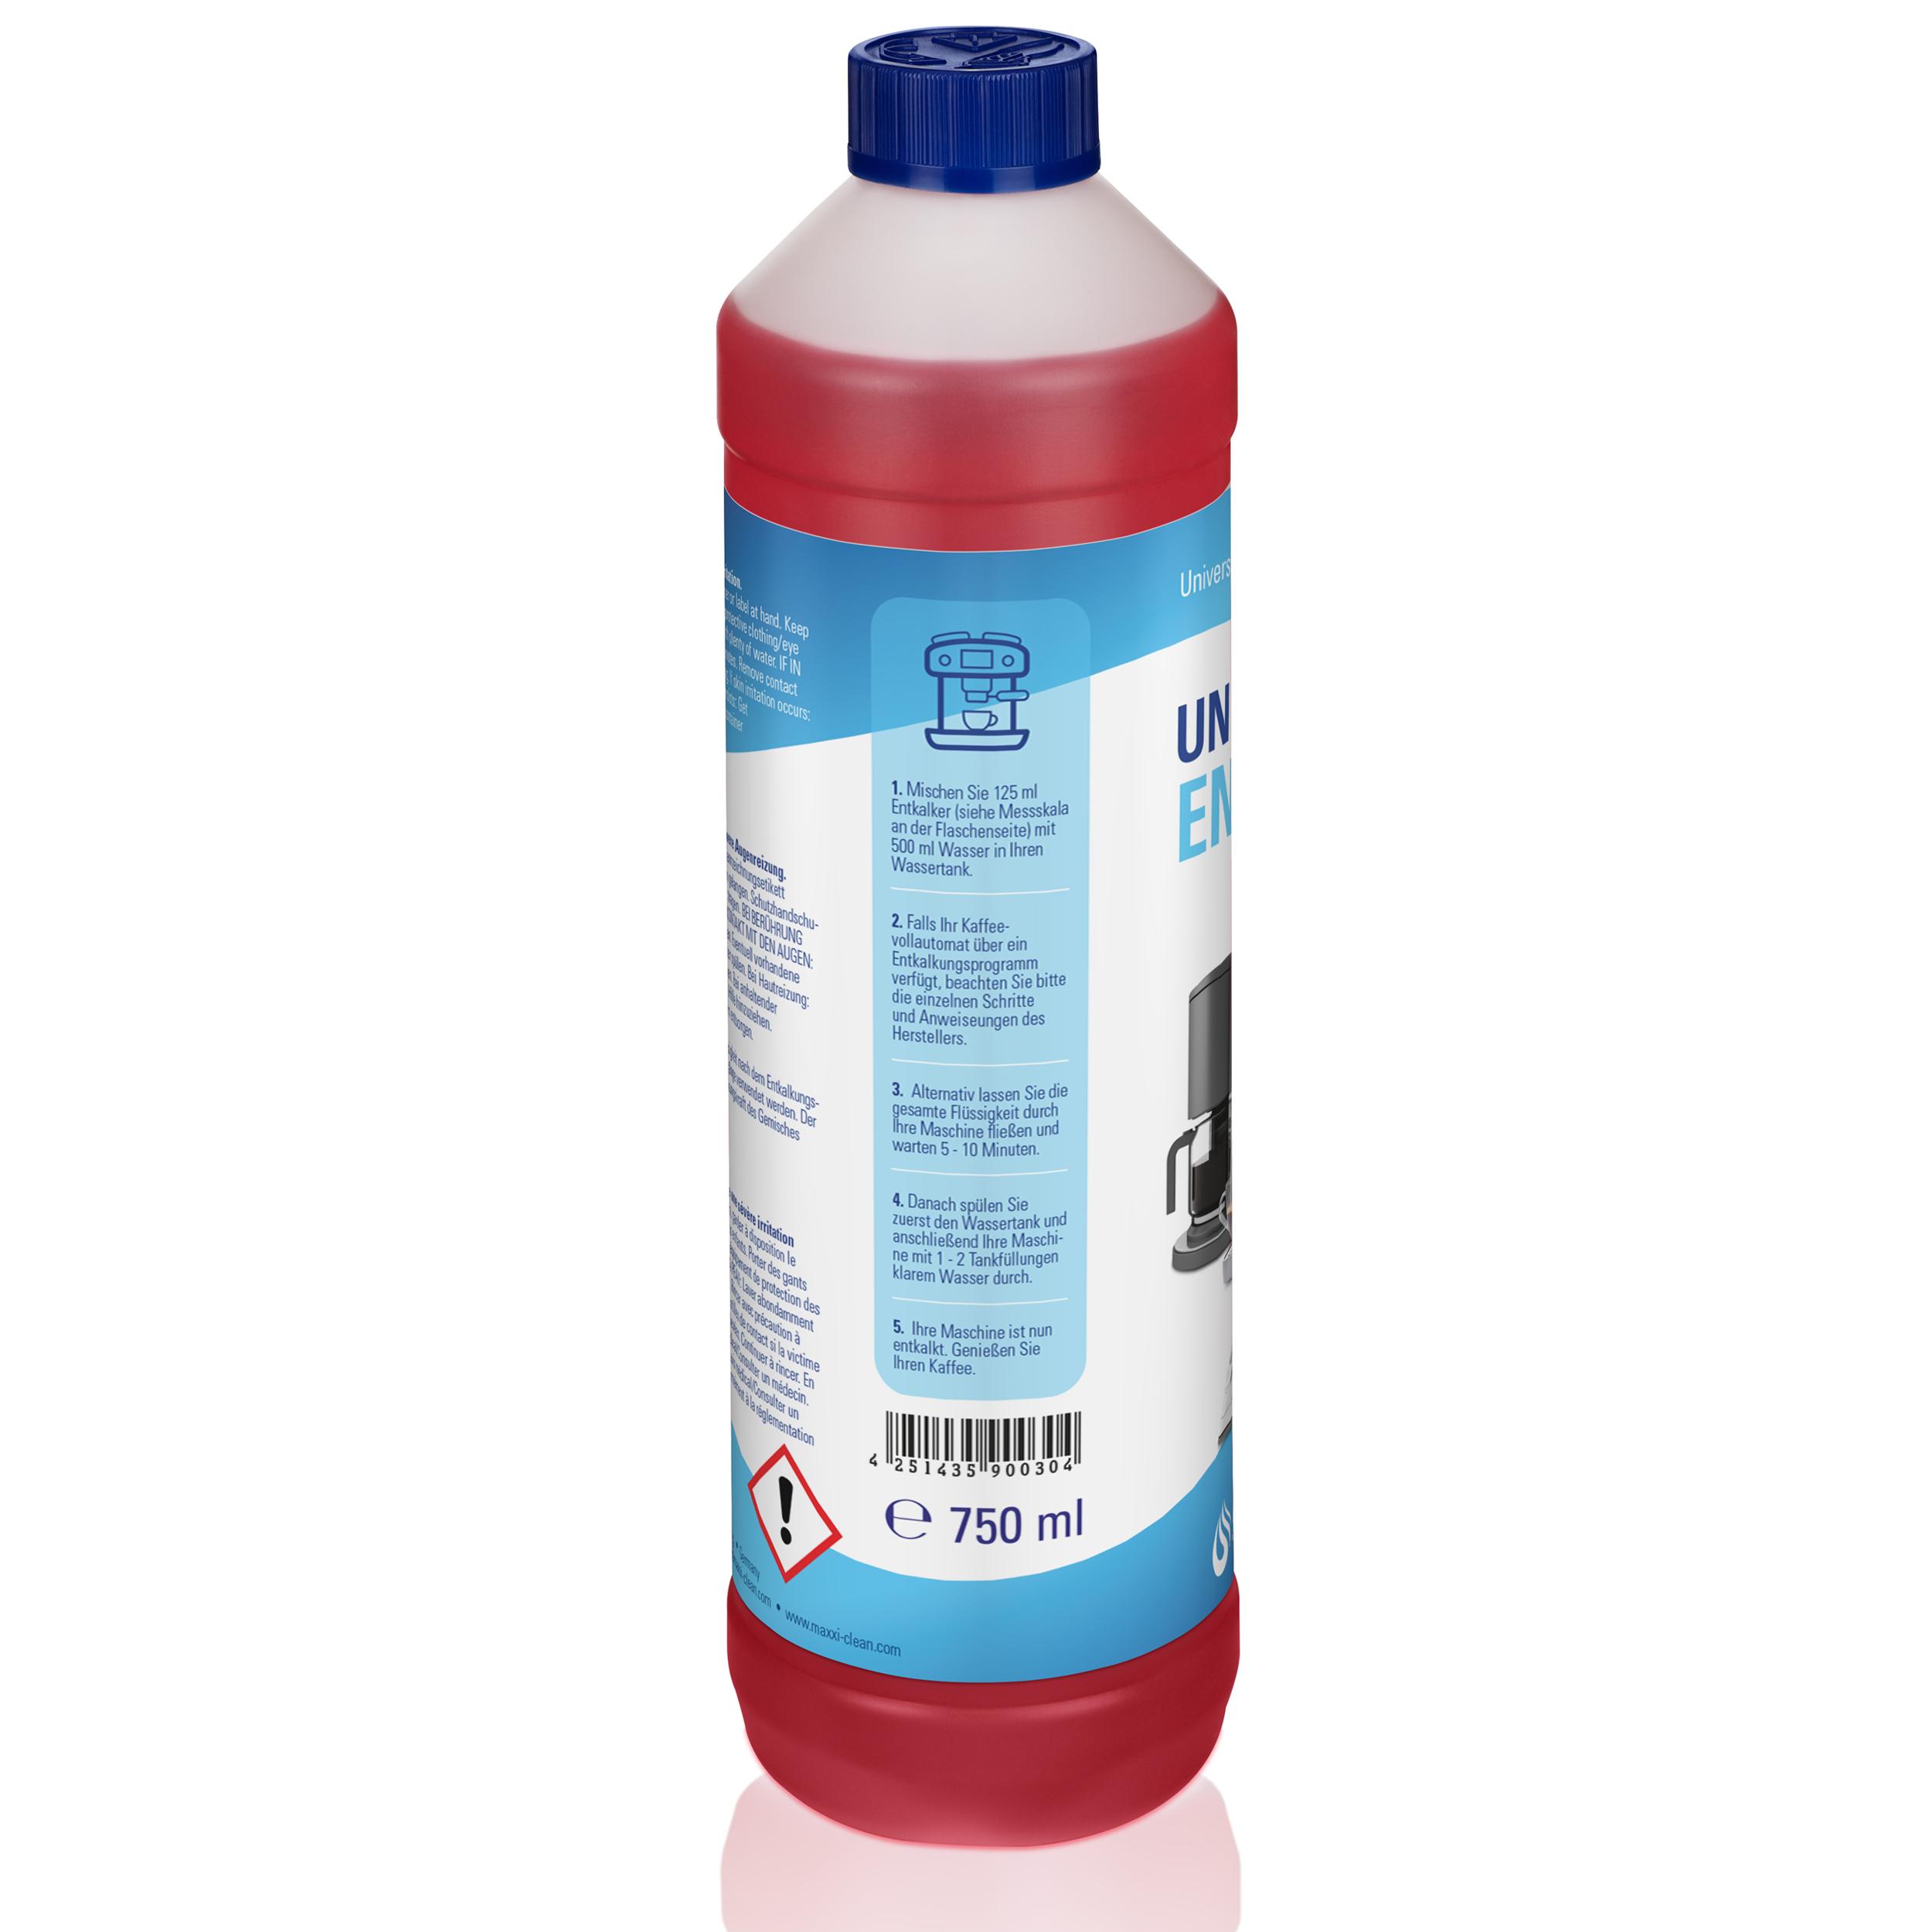 3x 750ml Flüssig Entkalker 18 Reinigungen für alle Marken geeignet Super einfach 3